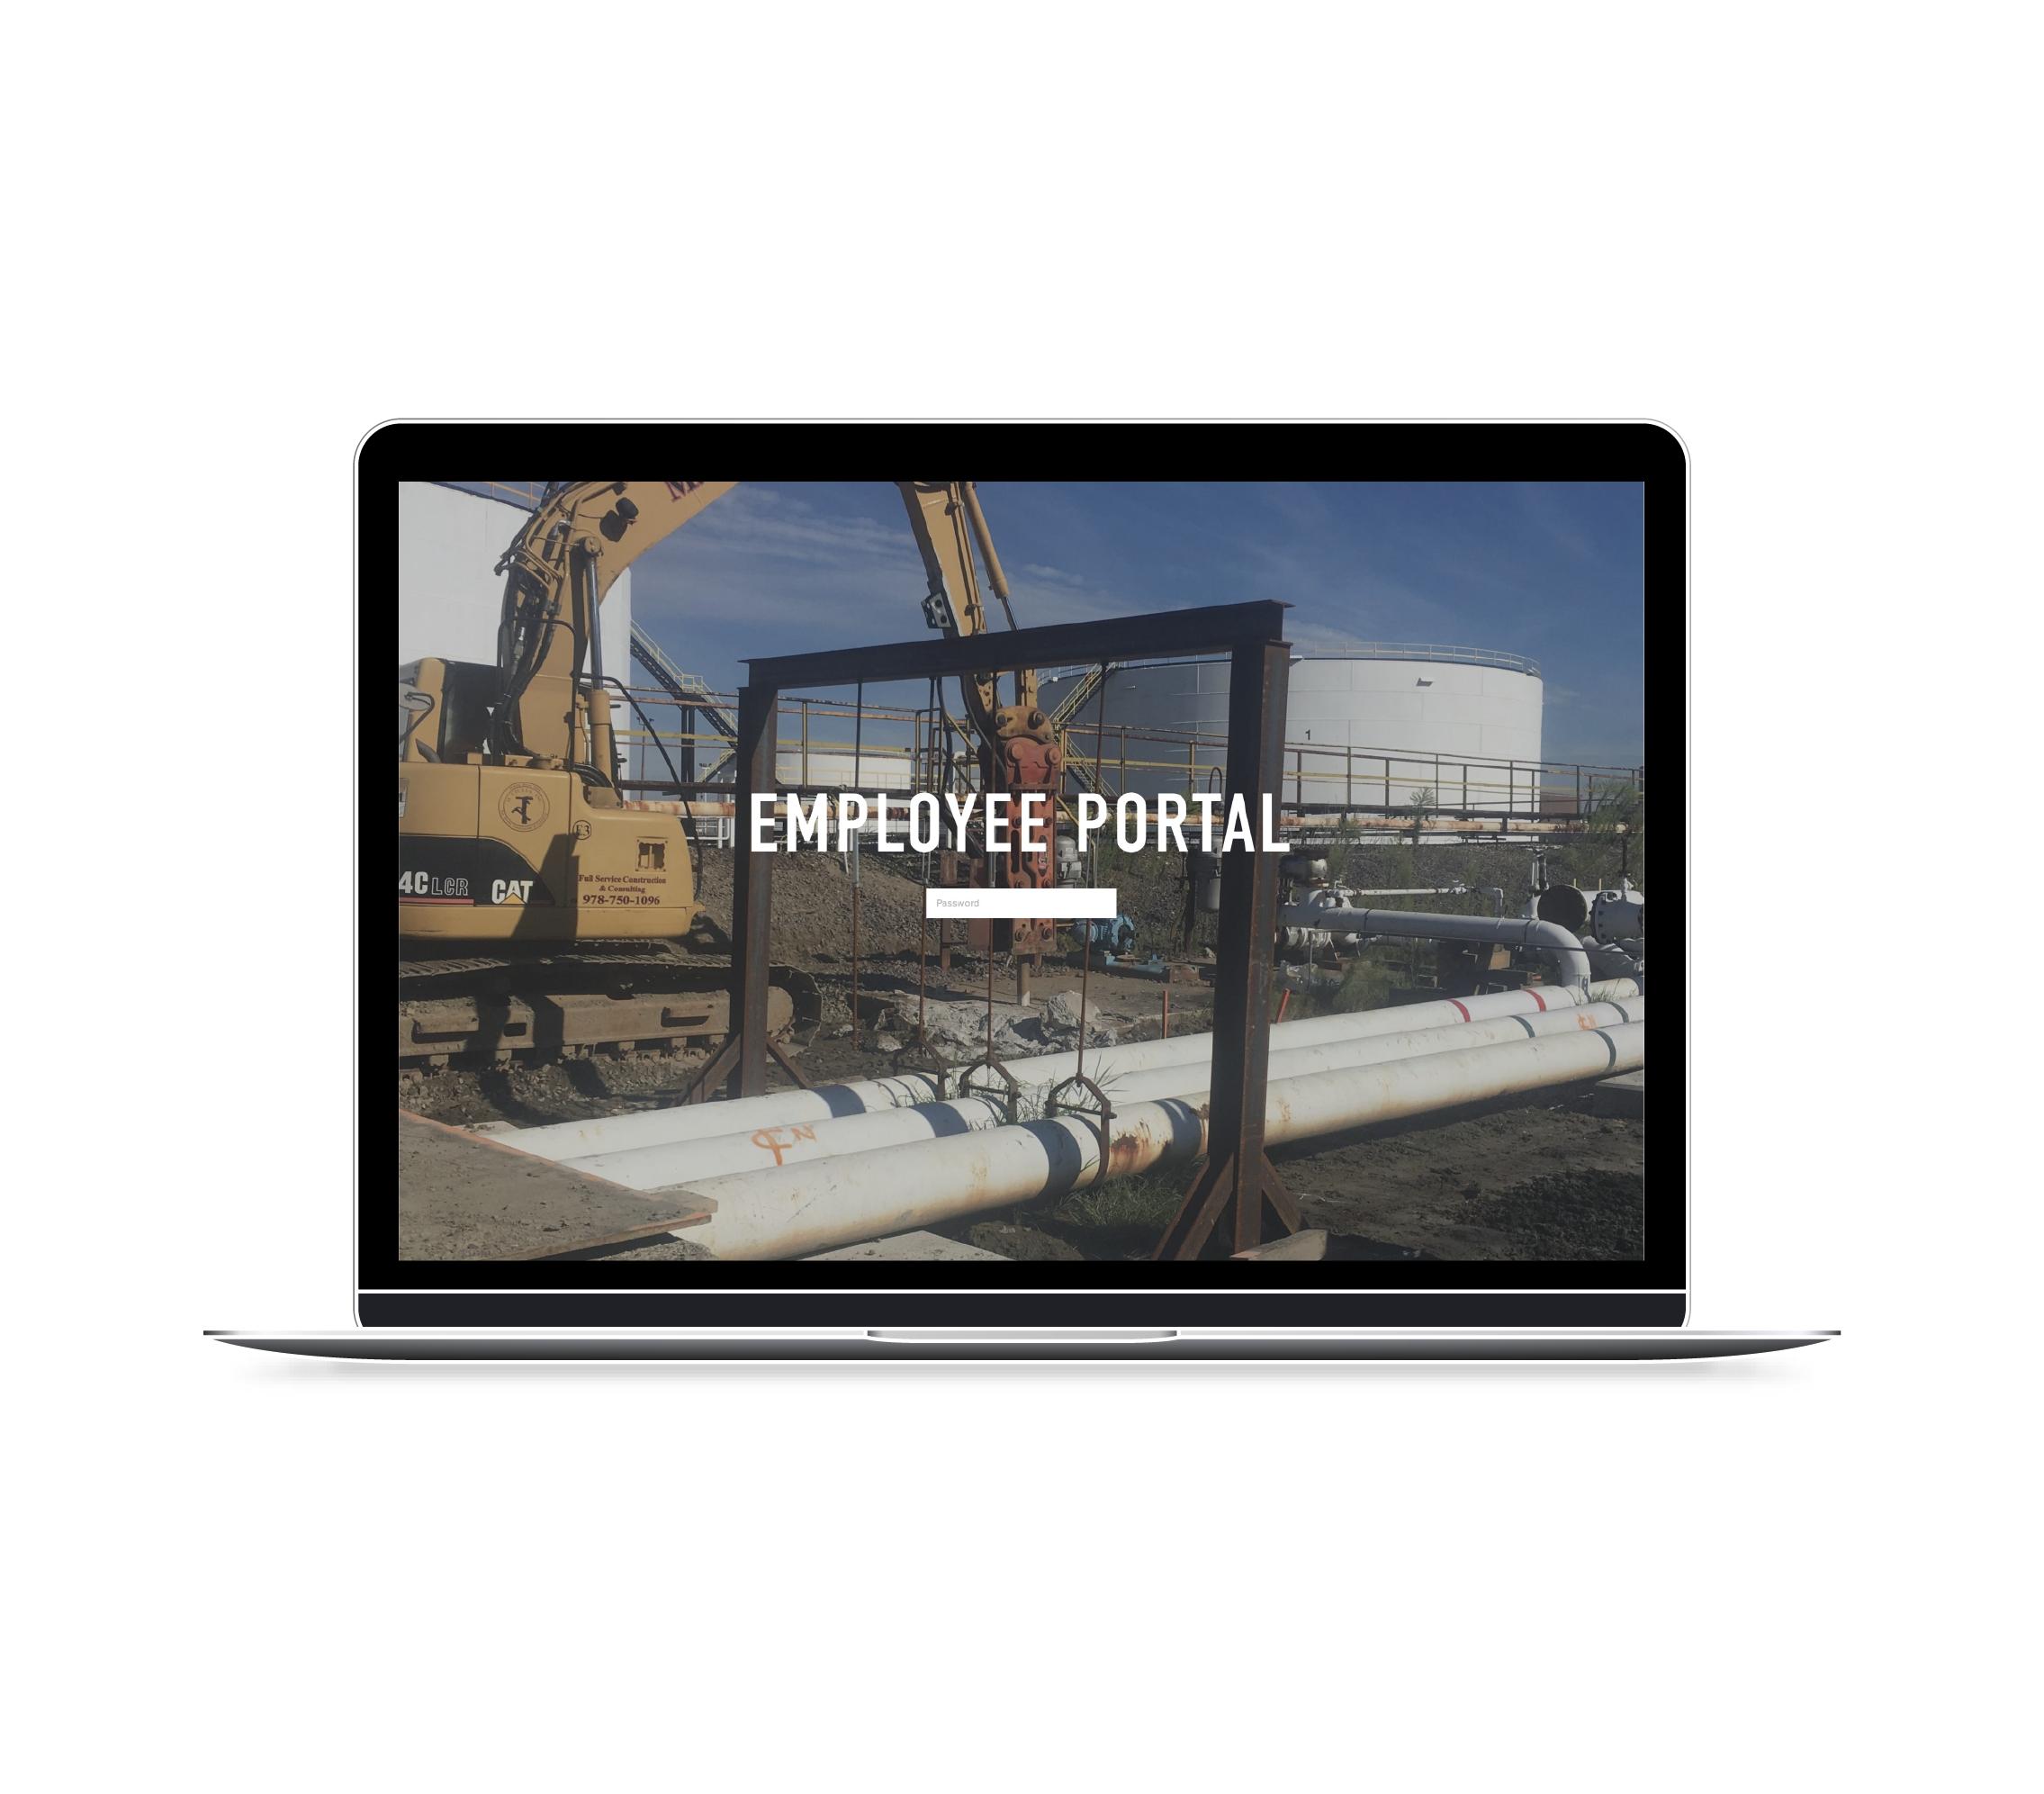 employeeportal-01.png